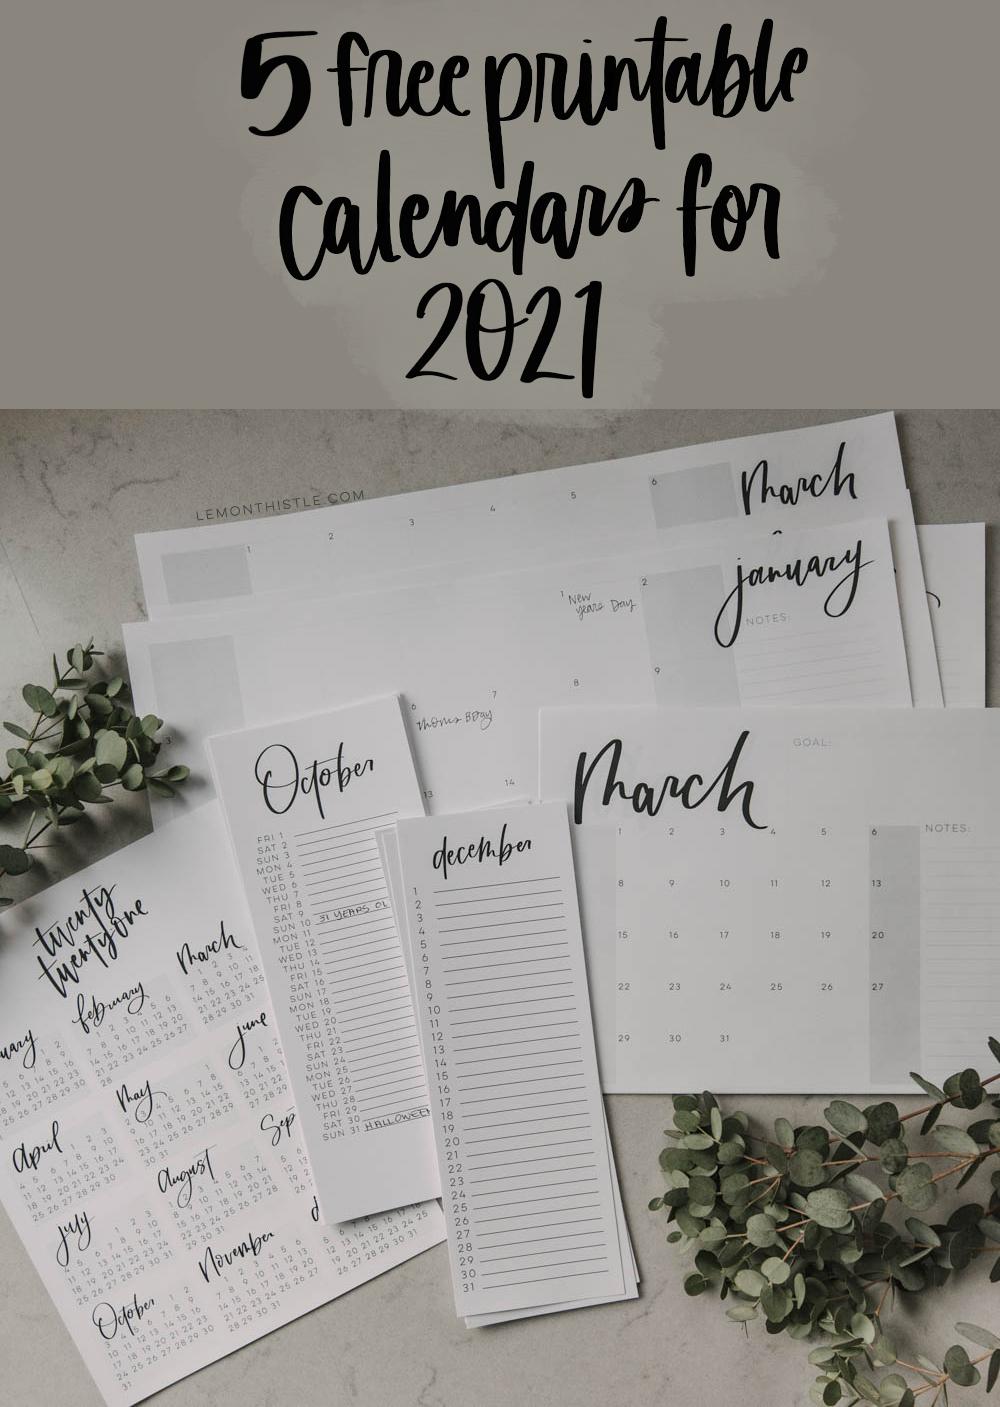 Modern Hand Lettered Free Printable 2021 Calendars - Lemon